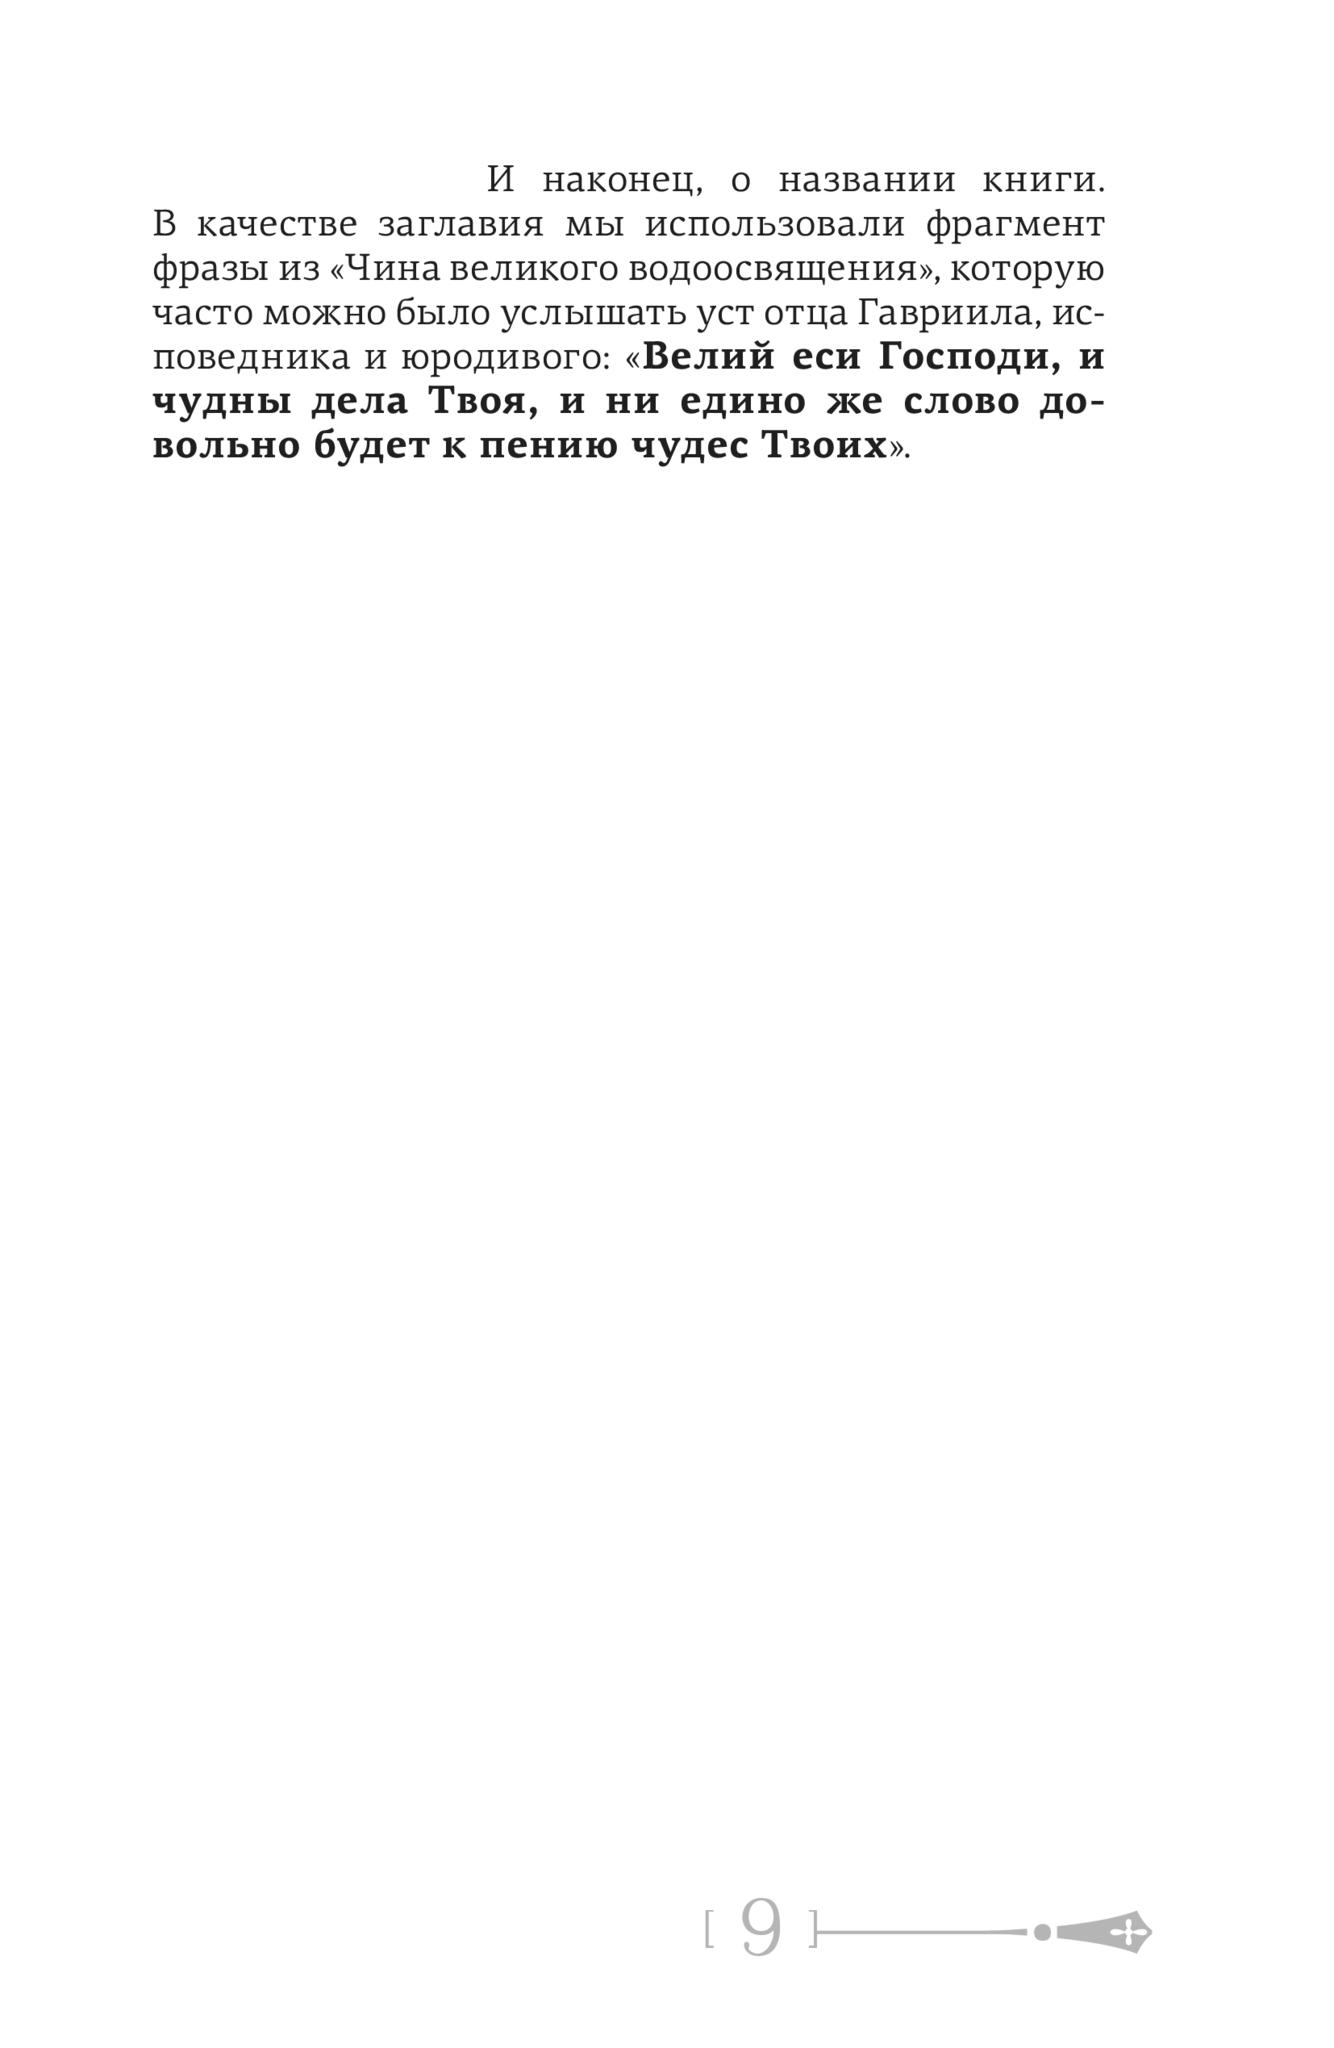 Велий еси Господи… Жизнь и проповедь святого Гавриила (Ургебадзе), исповедника и юродивого с.9